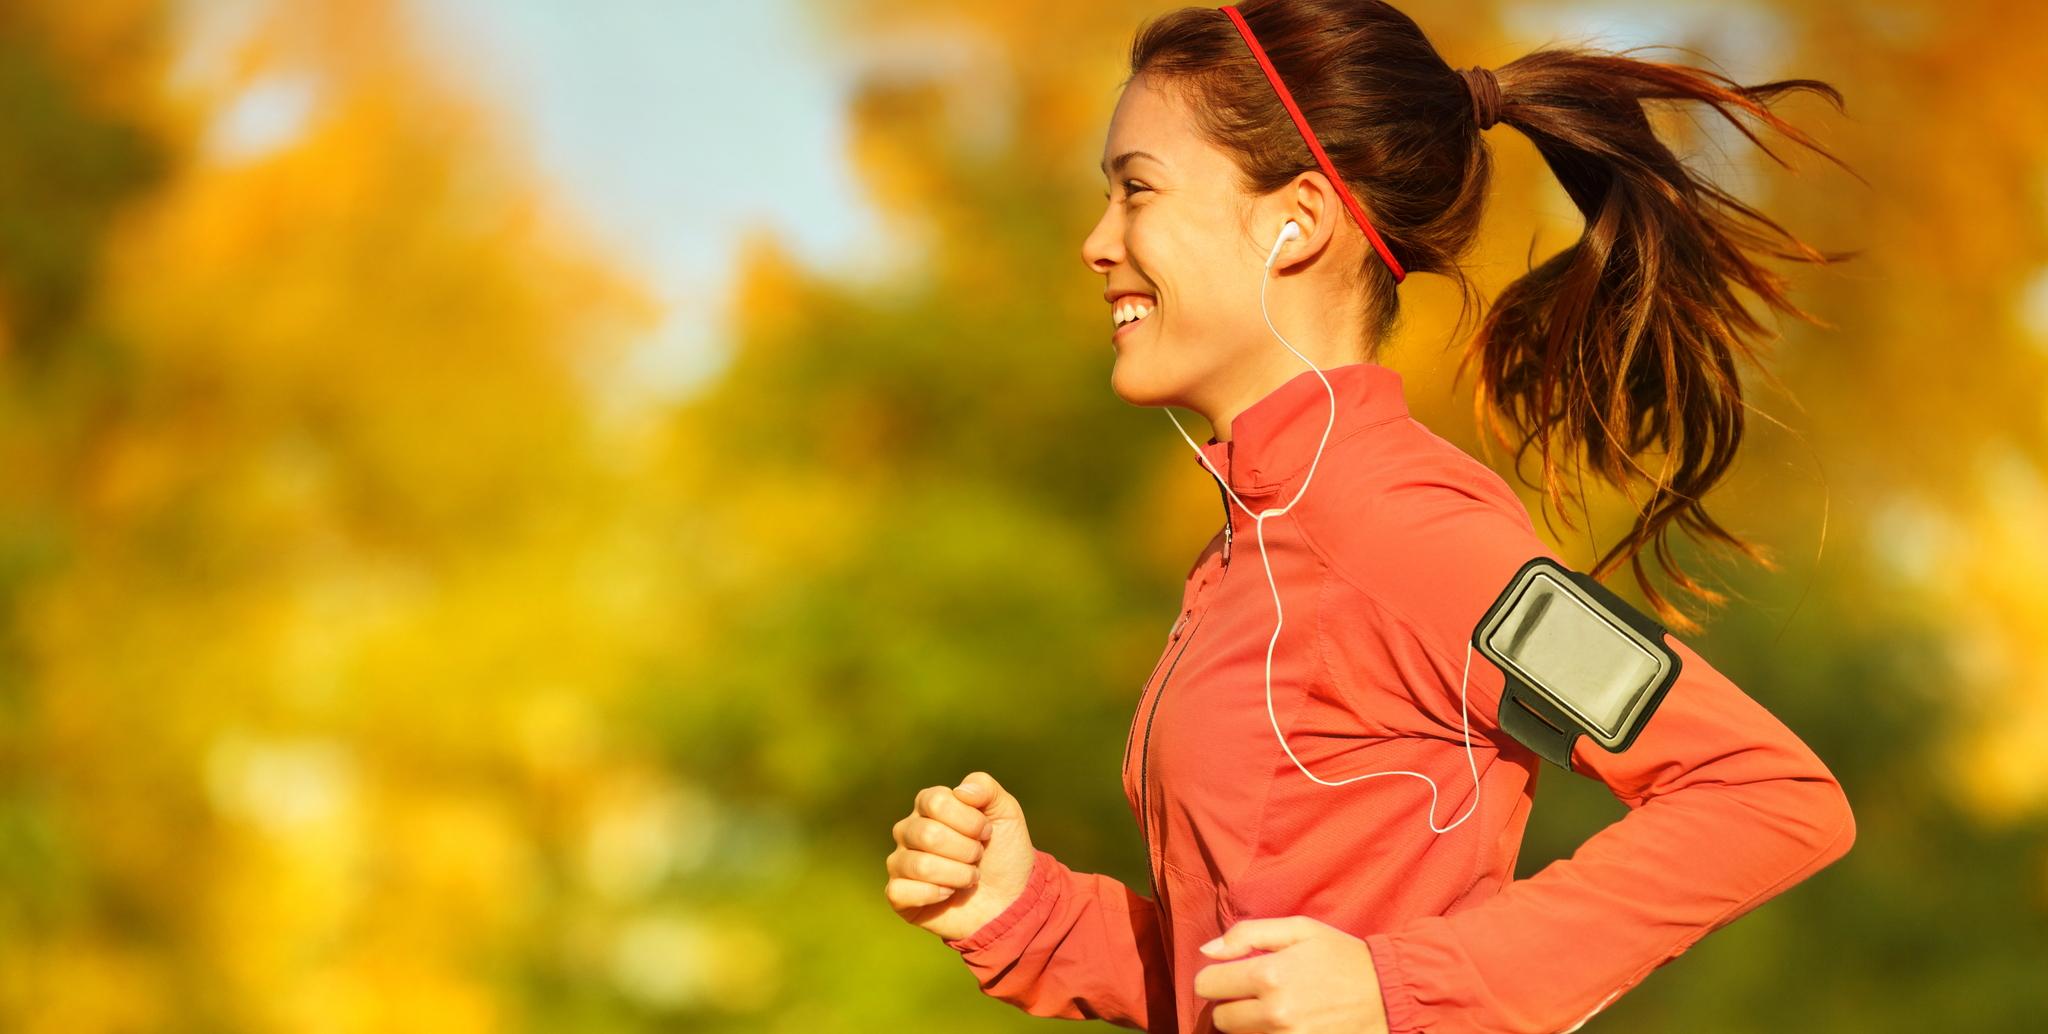 5K training program/running program at the YMCA